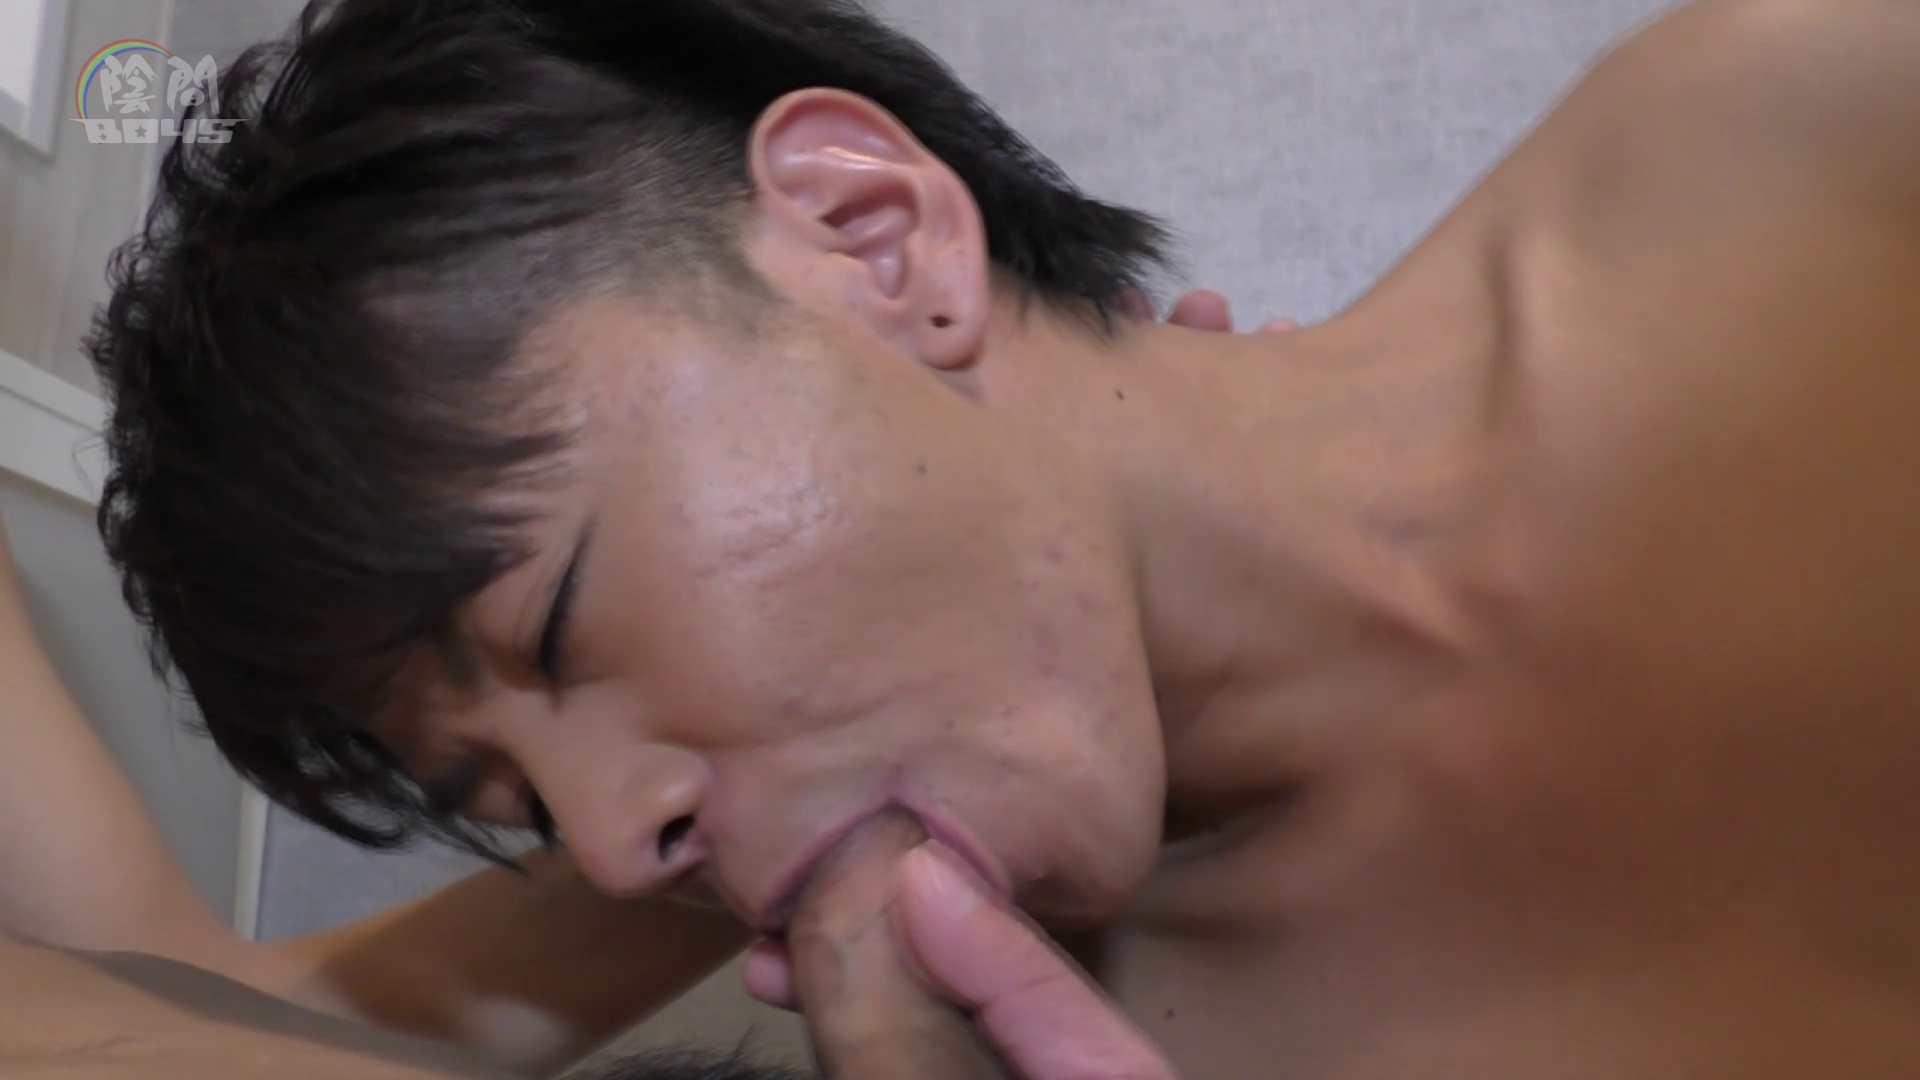 キャバクラの仕事はアナルから6  ~アナルの囁き~Vol.01 お尻の穴 ゲイエロビデオ画像 75pic 51